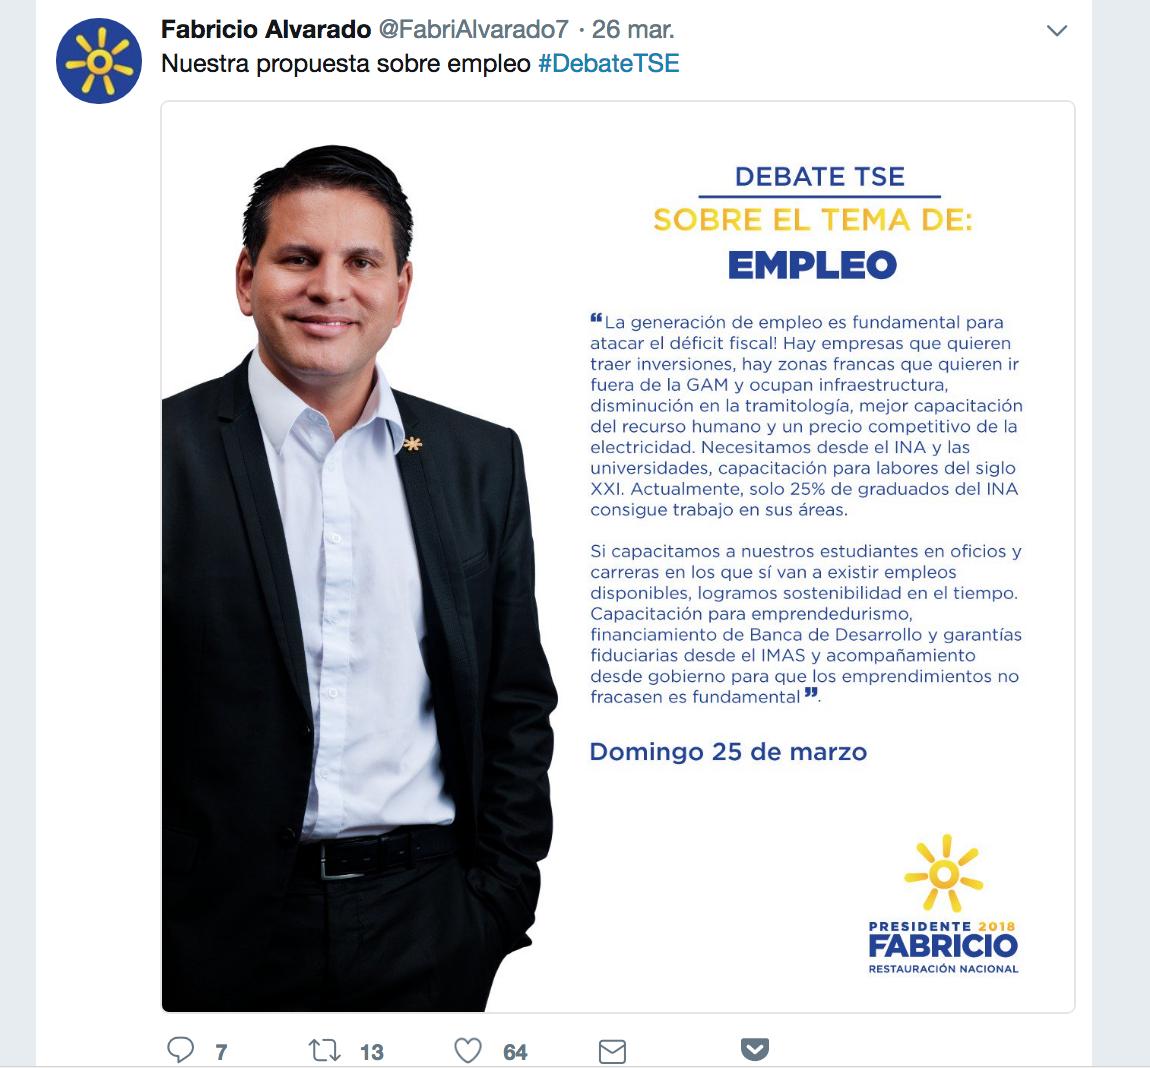 Fabricio Alvarado candidato del RN elecciones Costa Rica